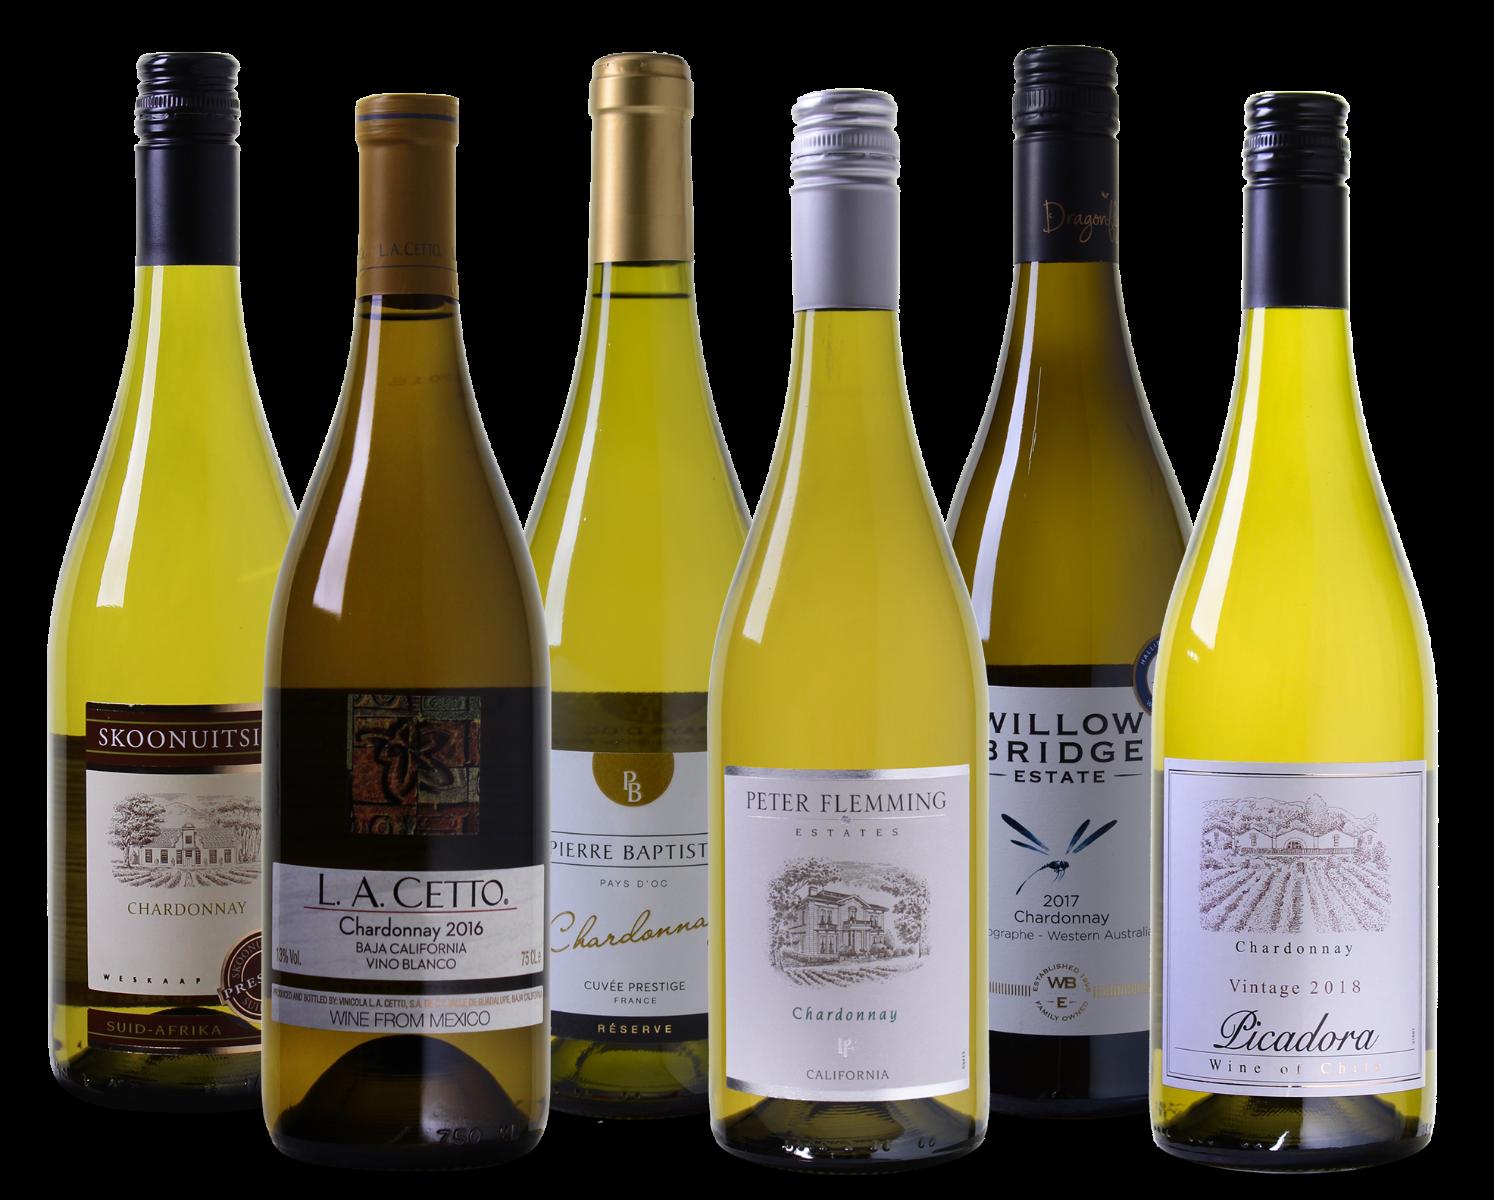 Veelzijdig Chardonnaypakket